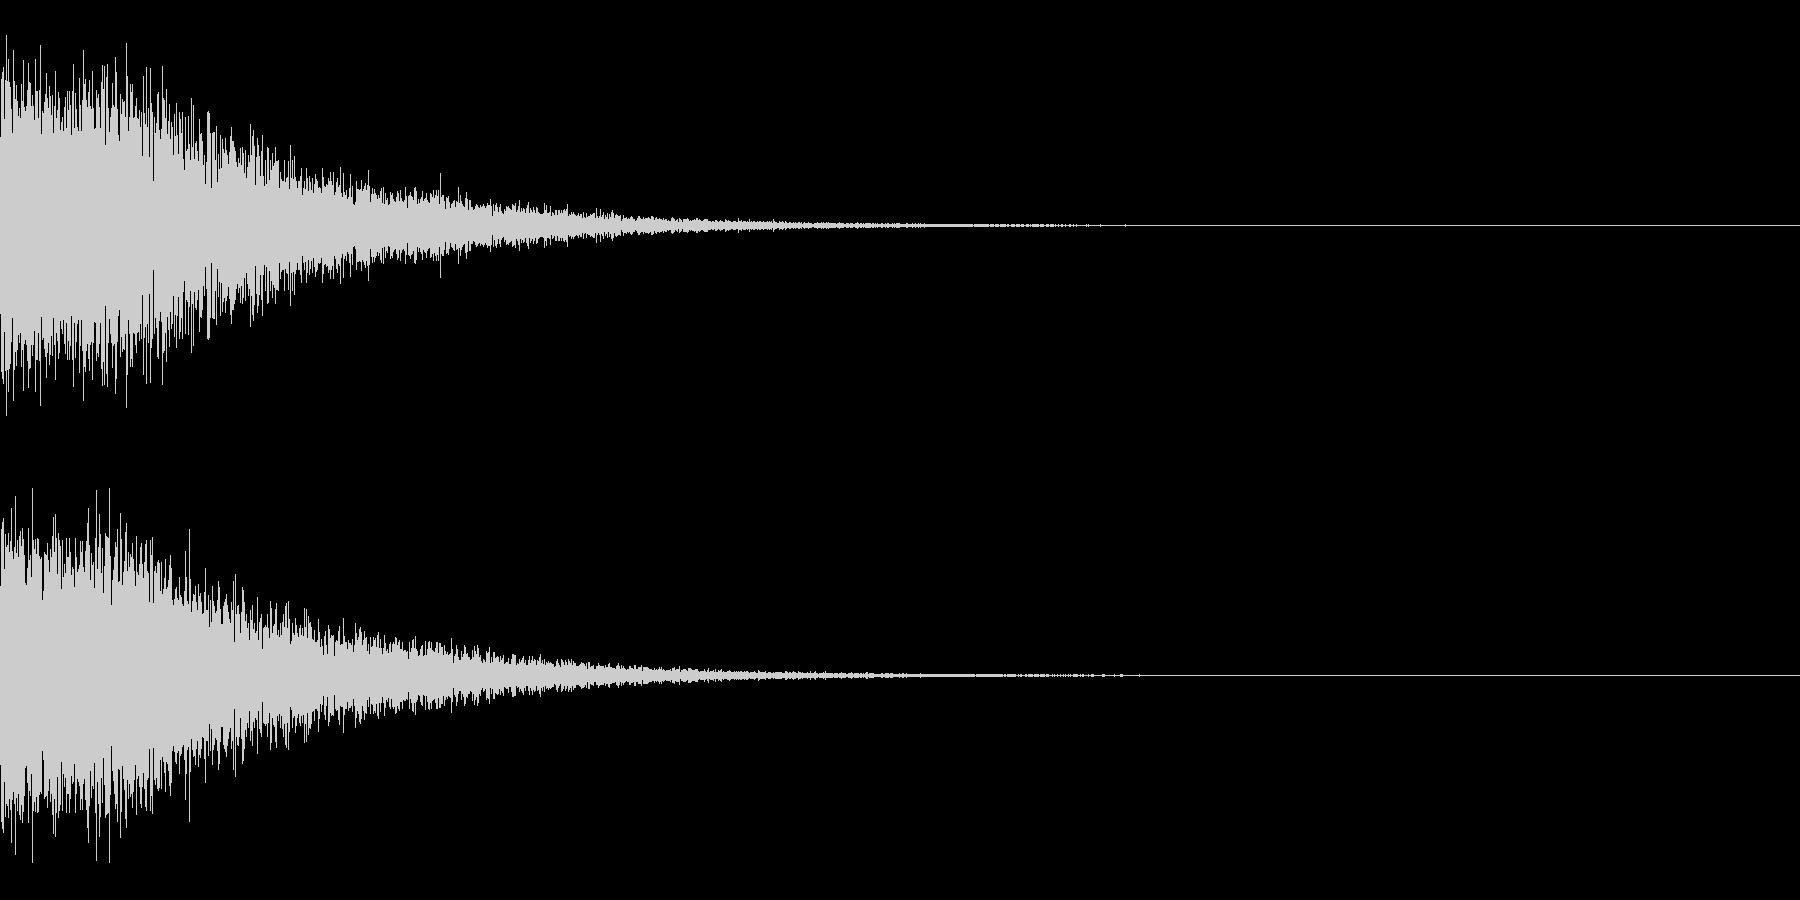 響き渡る銃声の未再生の波形